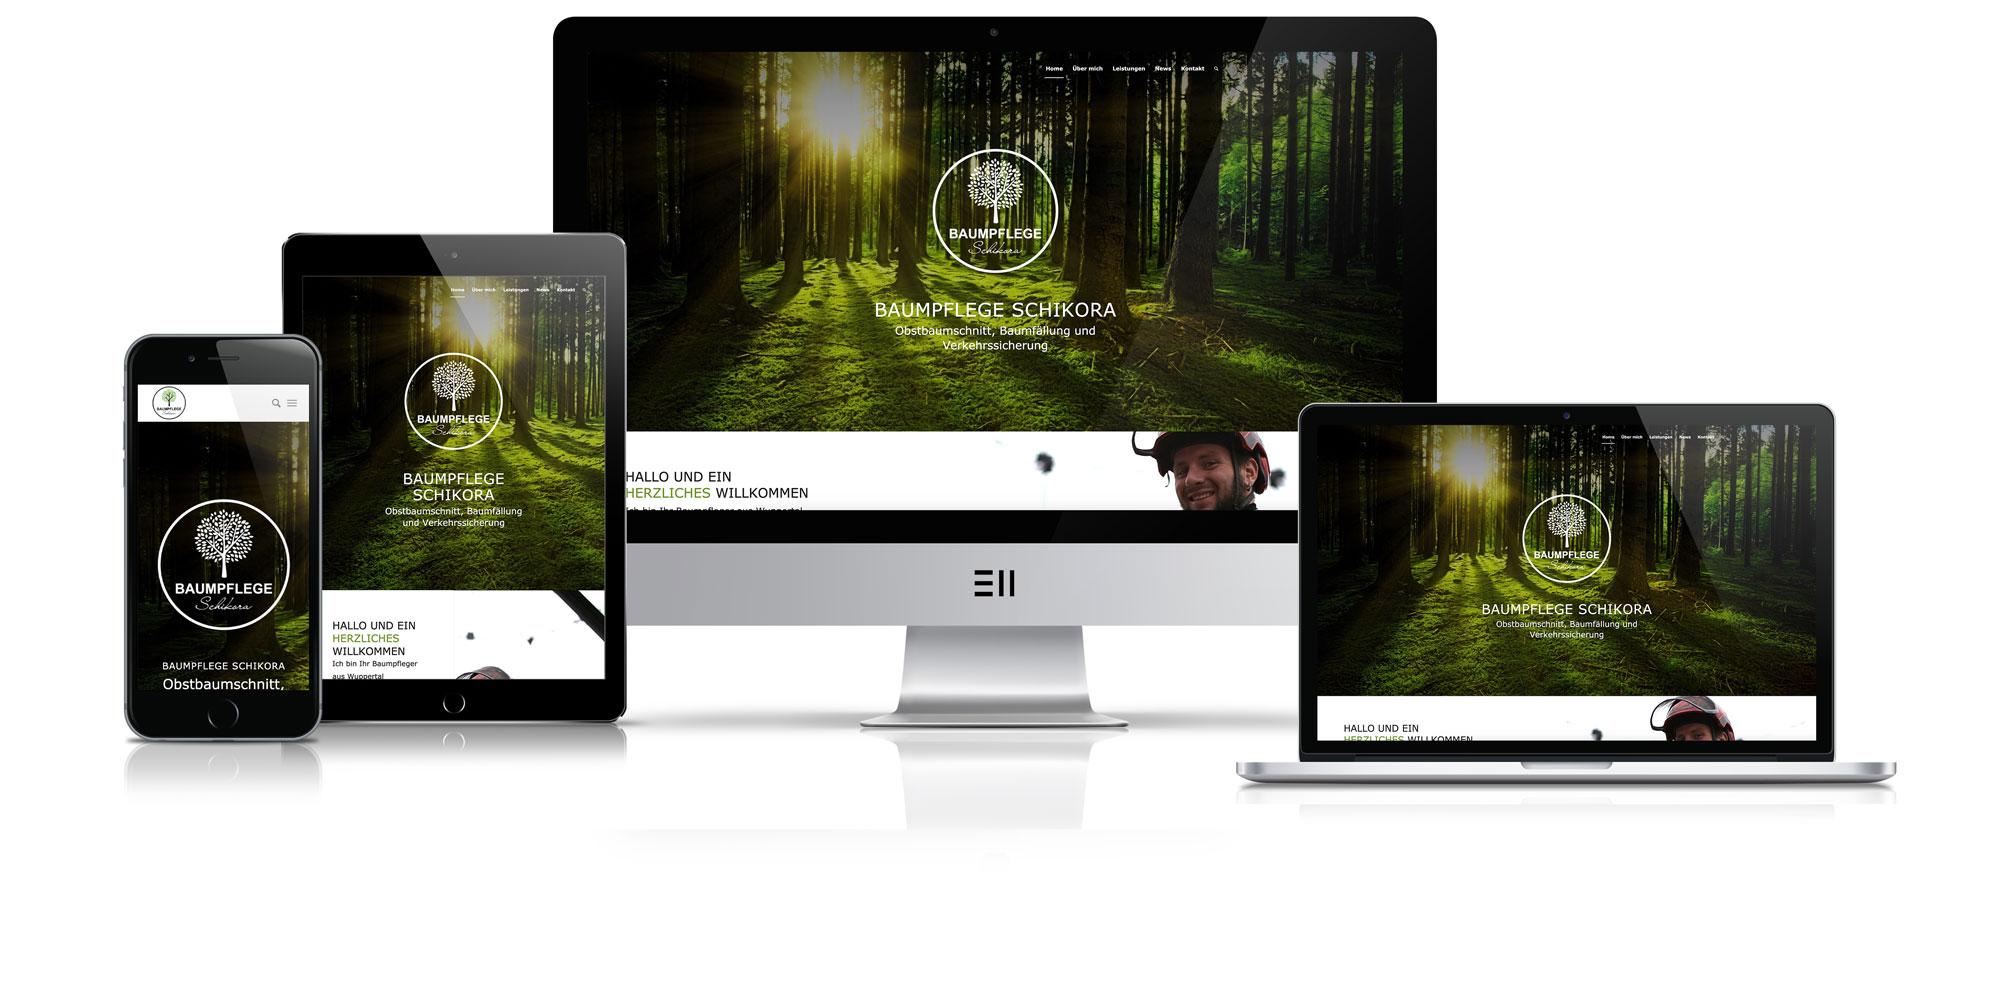 Bild zur Veranschaulichung responsiven Webdesigns Schikora Baumpflege